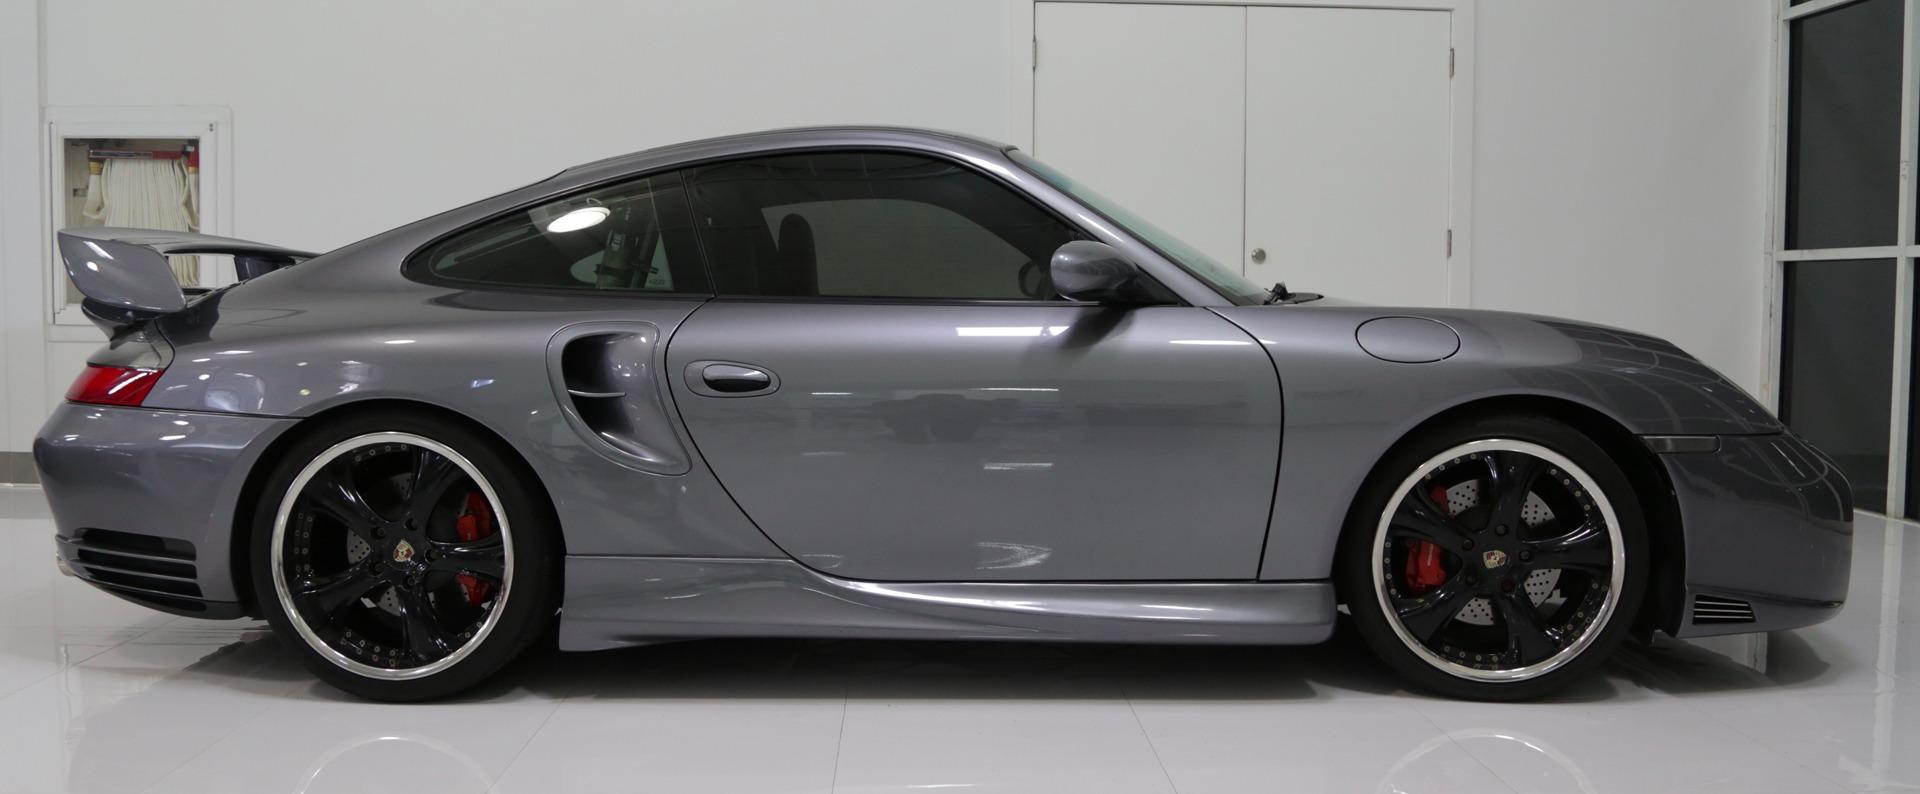 Used 2001 Porsche 911 Turbo   Miami, FL